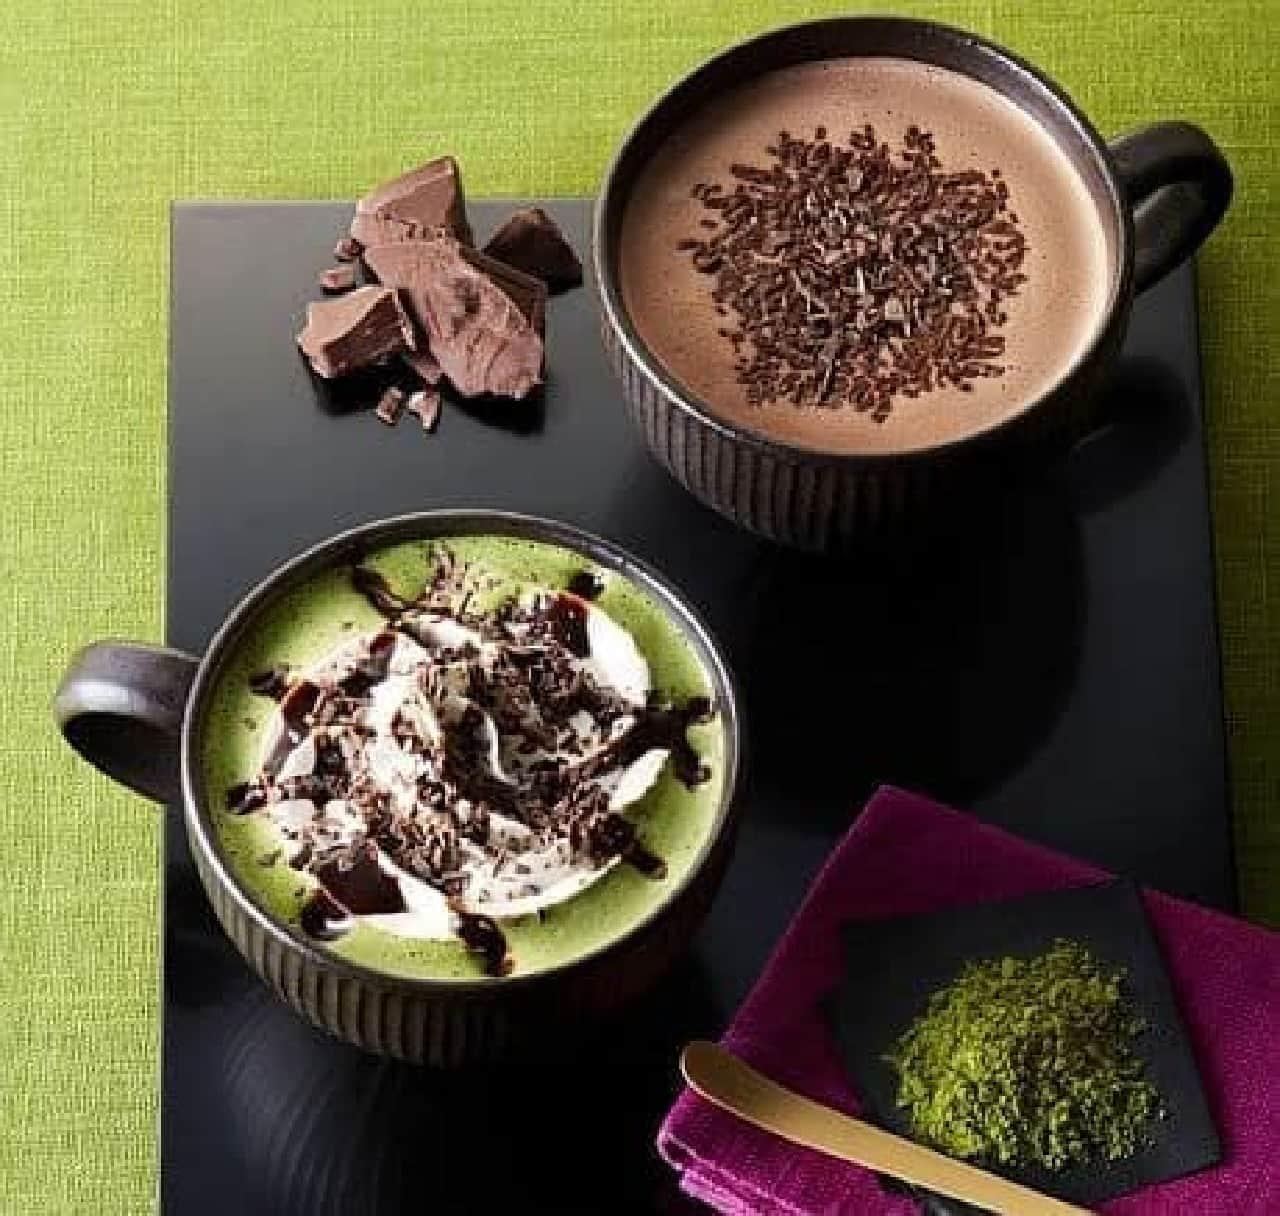 タリーズコーヒー「チョコレート&抹茶モカ」と「チョコリスタ」